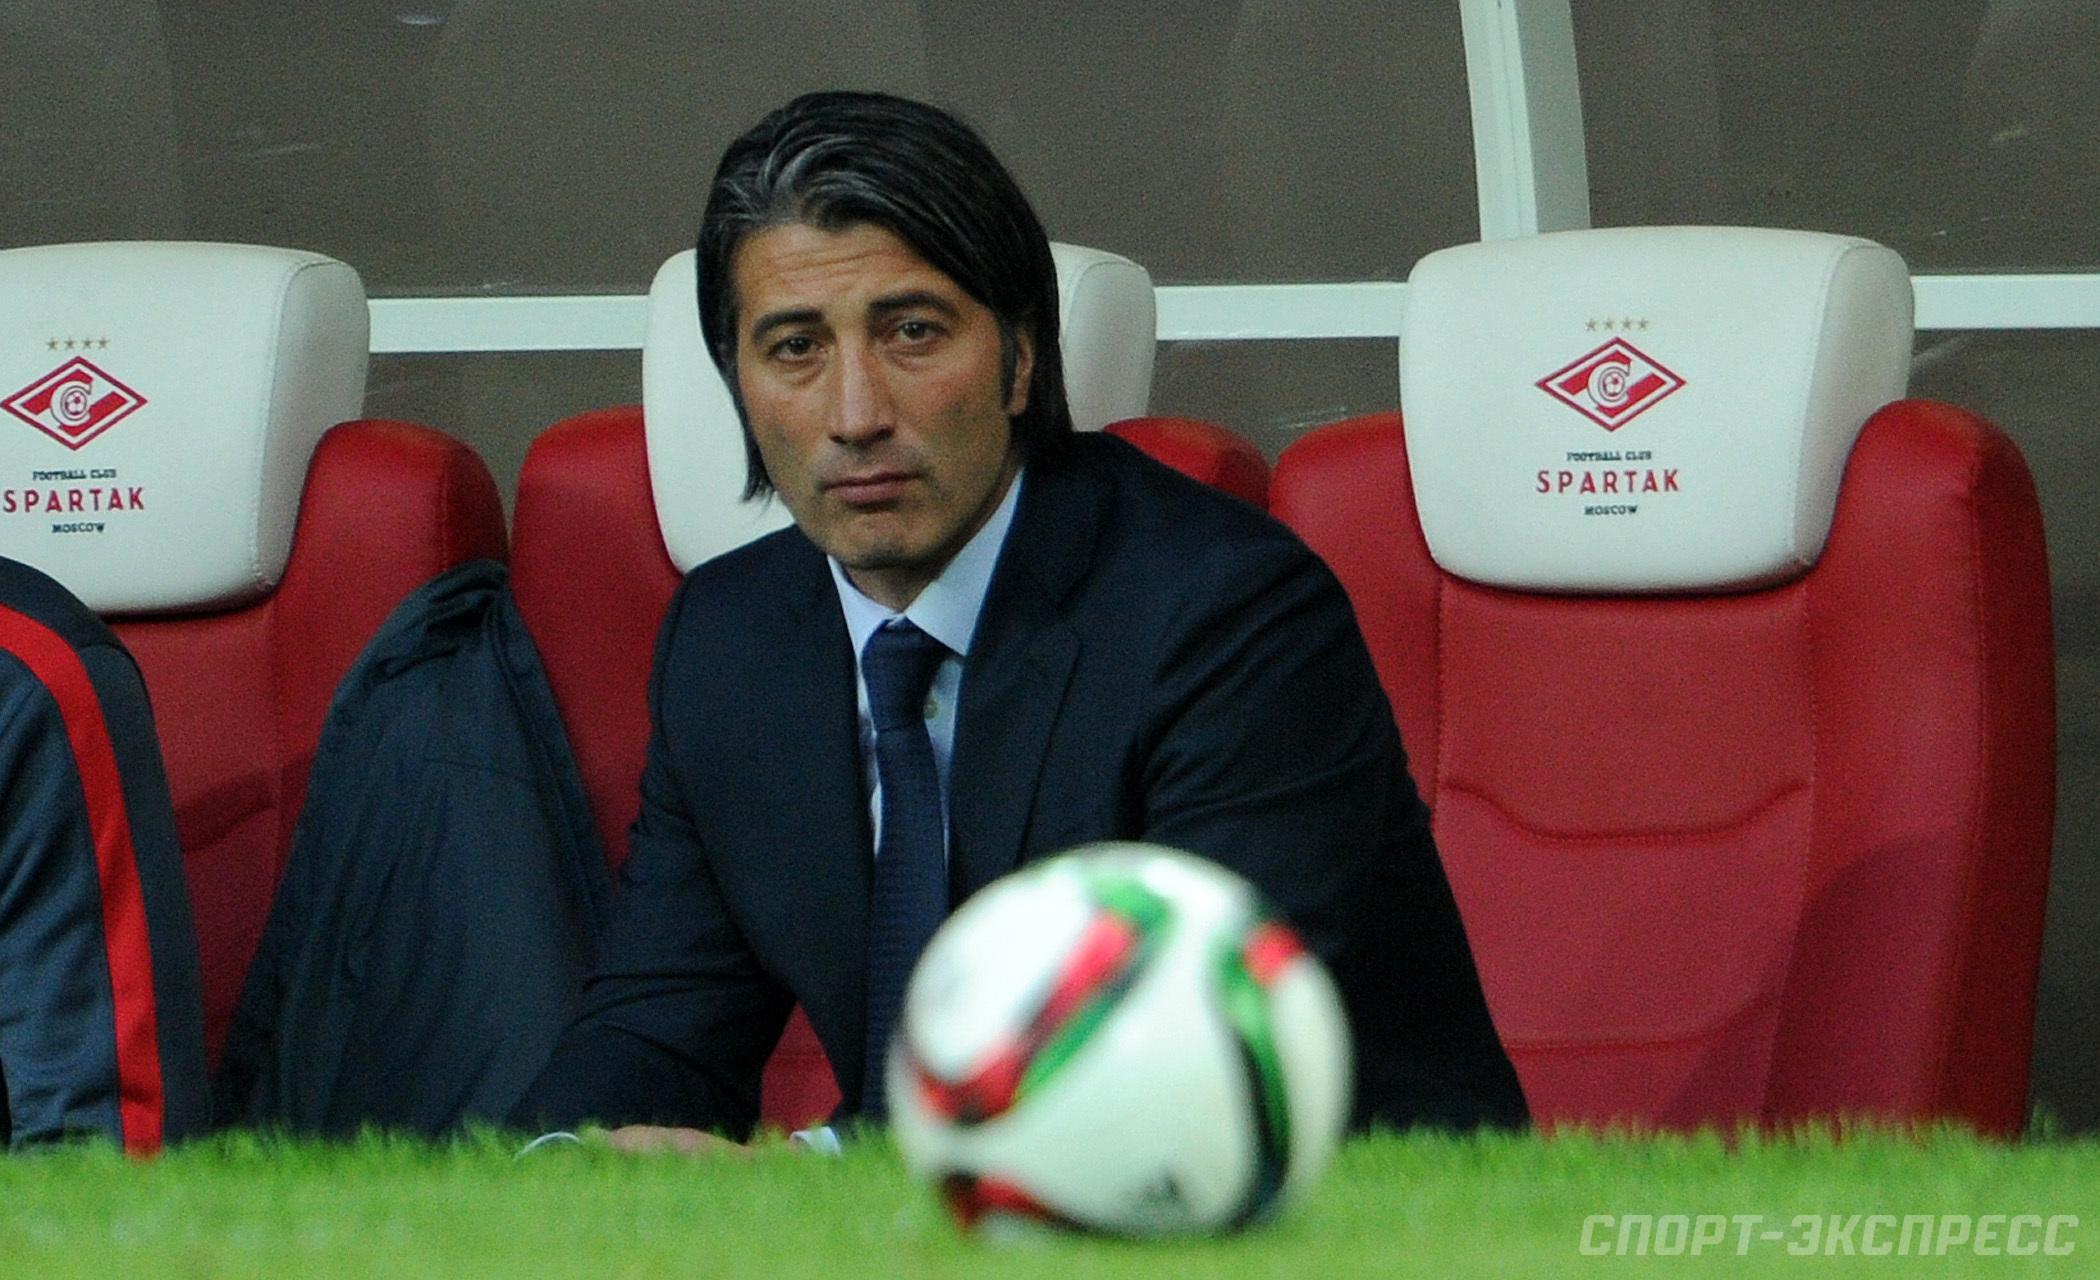 Вильяр, Чеферин и ван Прааг поборются за кресло президента УЕФА